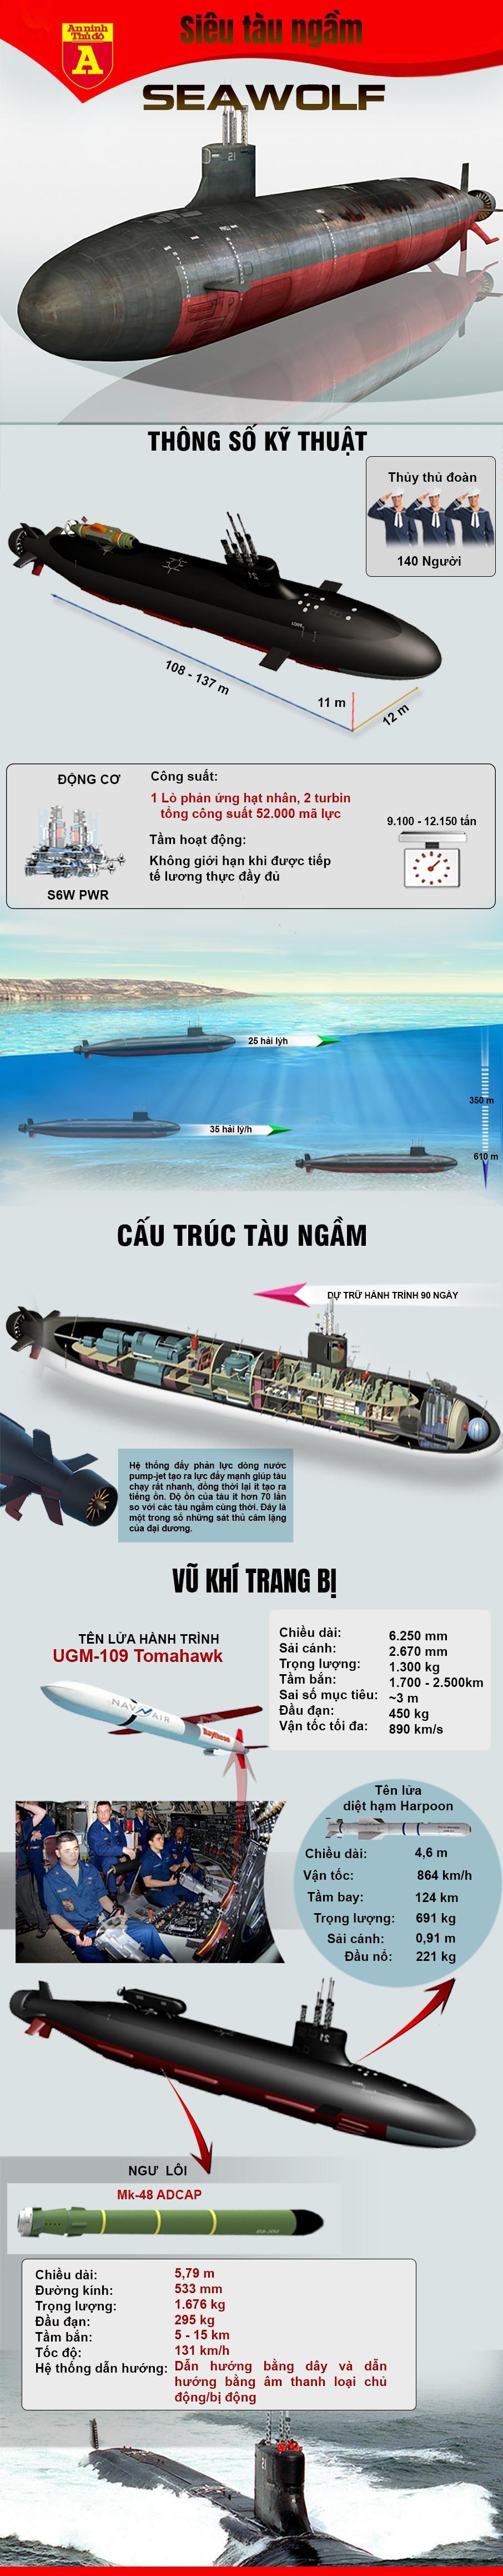 [Info] Siêu tàu ngầm hạt nhân mạnh nhất của Mỹ hỏng mũi sau vụ va chạm ở Biển Đông ảnh 3